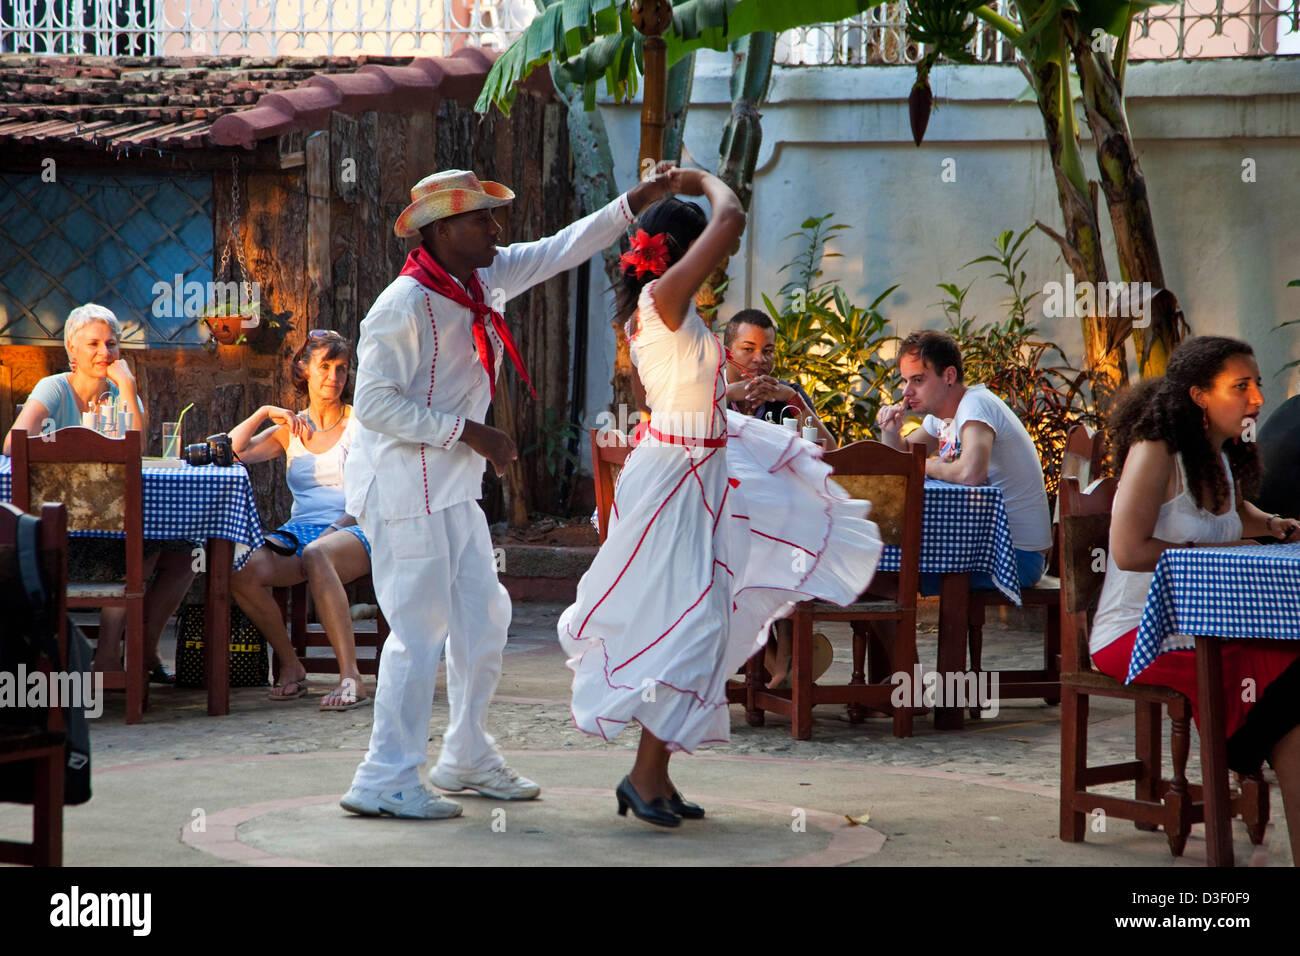 Kubanische Paare tanzen spanischen Stil für Touristen in eine Open-Air-Bar in Trinidad, Kuba Stockbild